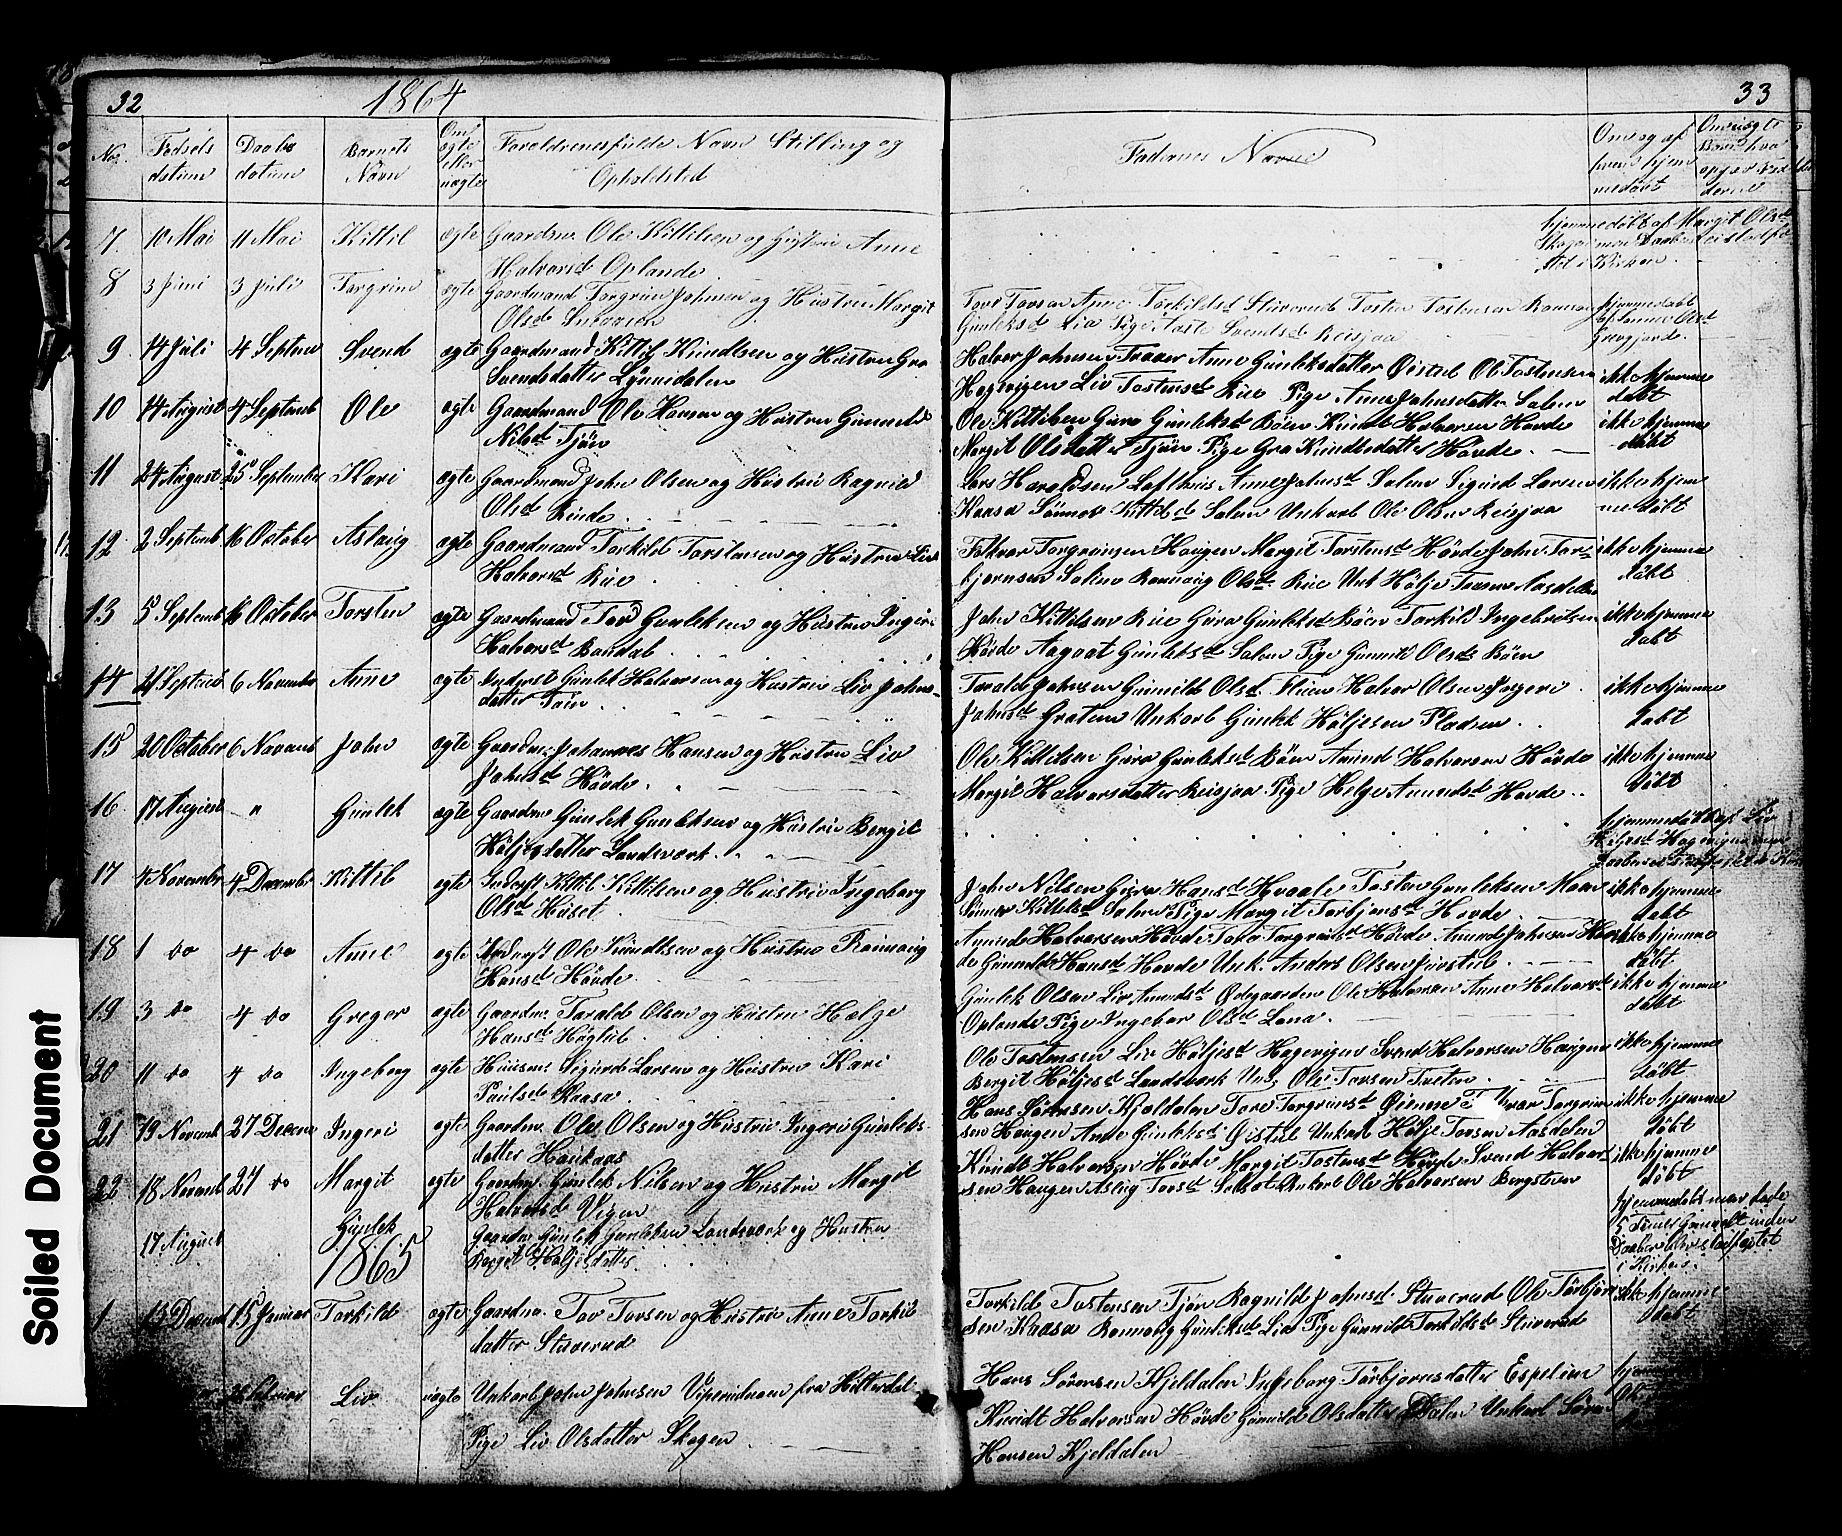 SAKO, Hjartdal kirkebøker, G/Gc/L0002: Klokkerbok nr. III 2, 1854-1890, s. 32-33